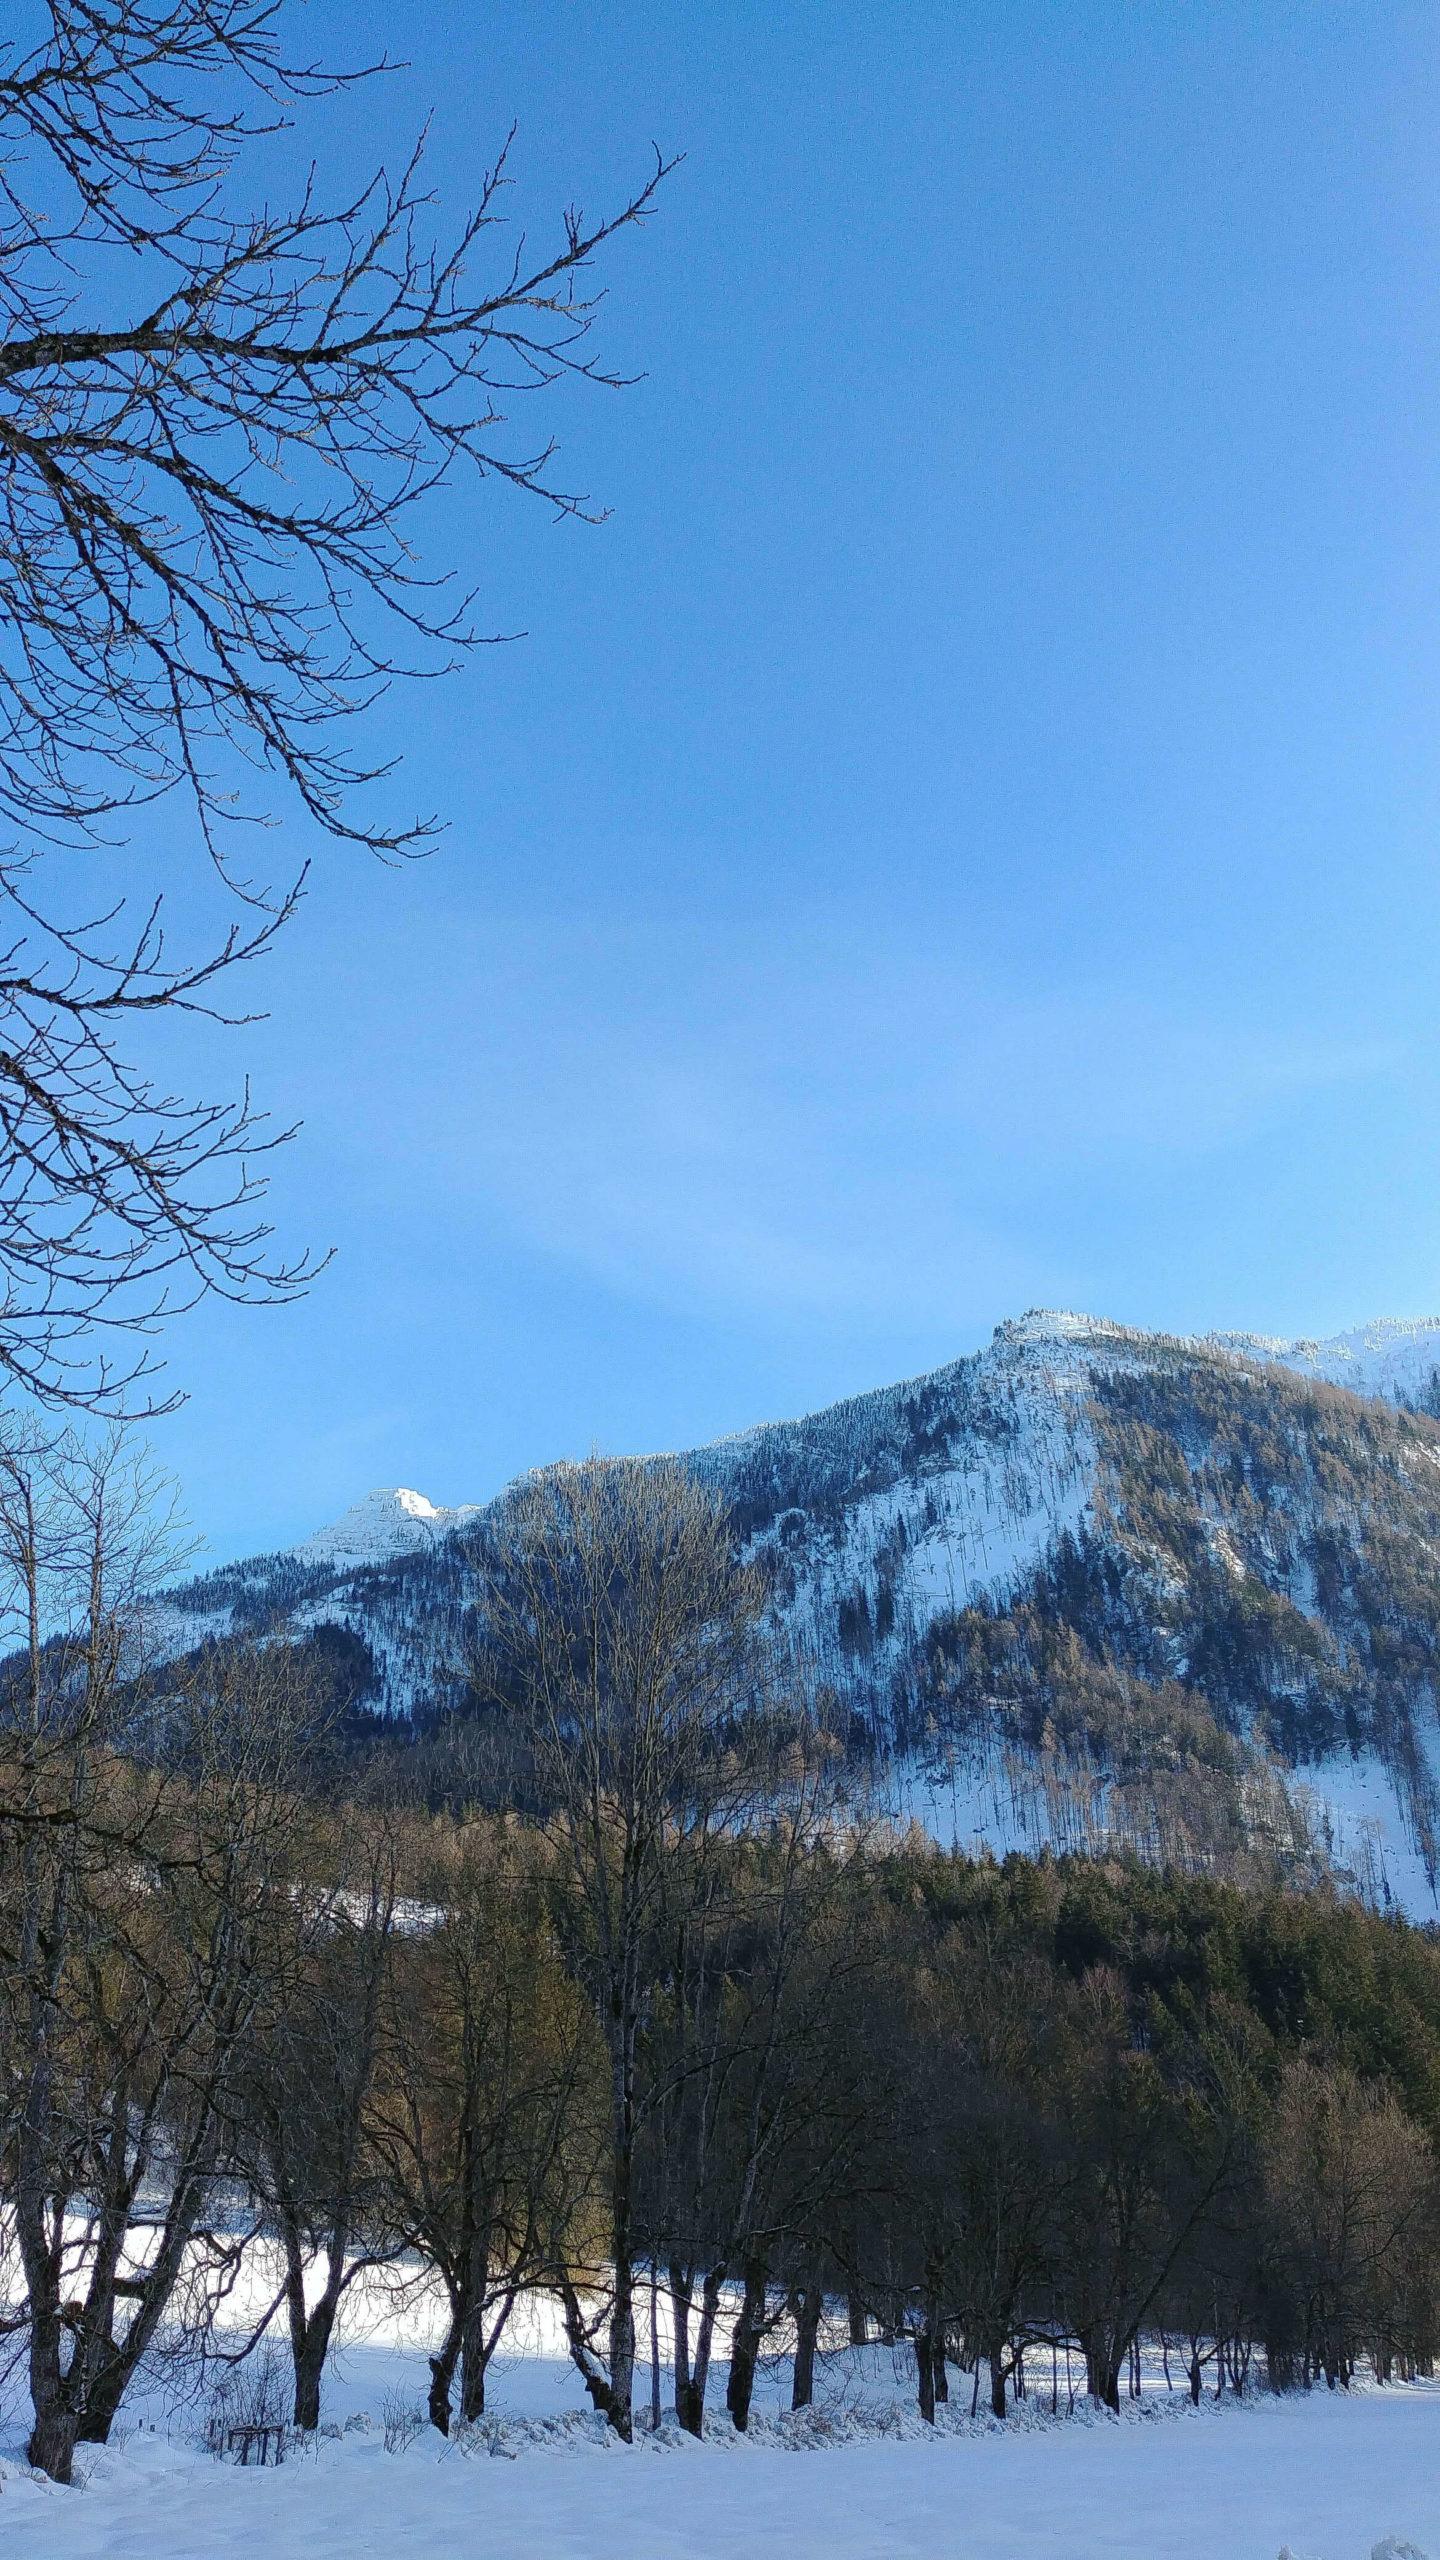 Schneeschuhwandern - Diese Dinge nehmen wir auf alpinen Touren mit